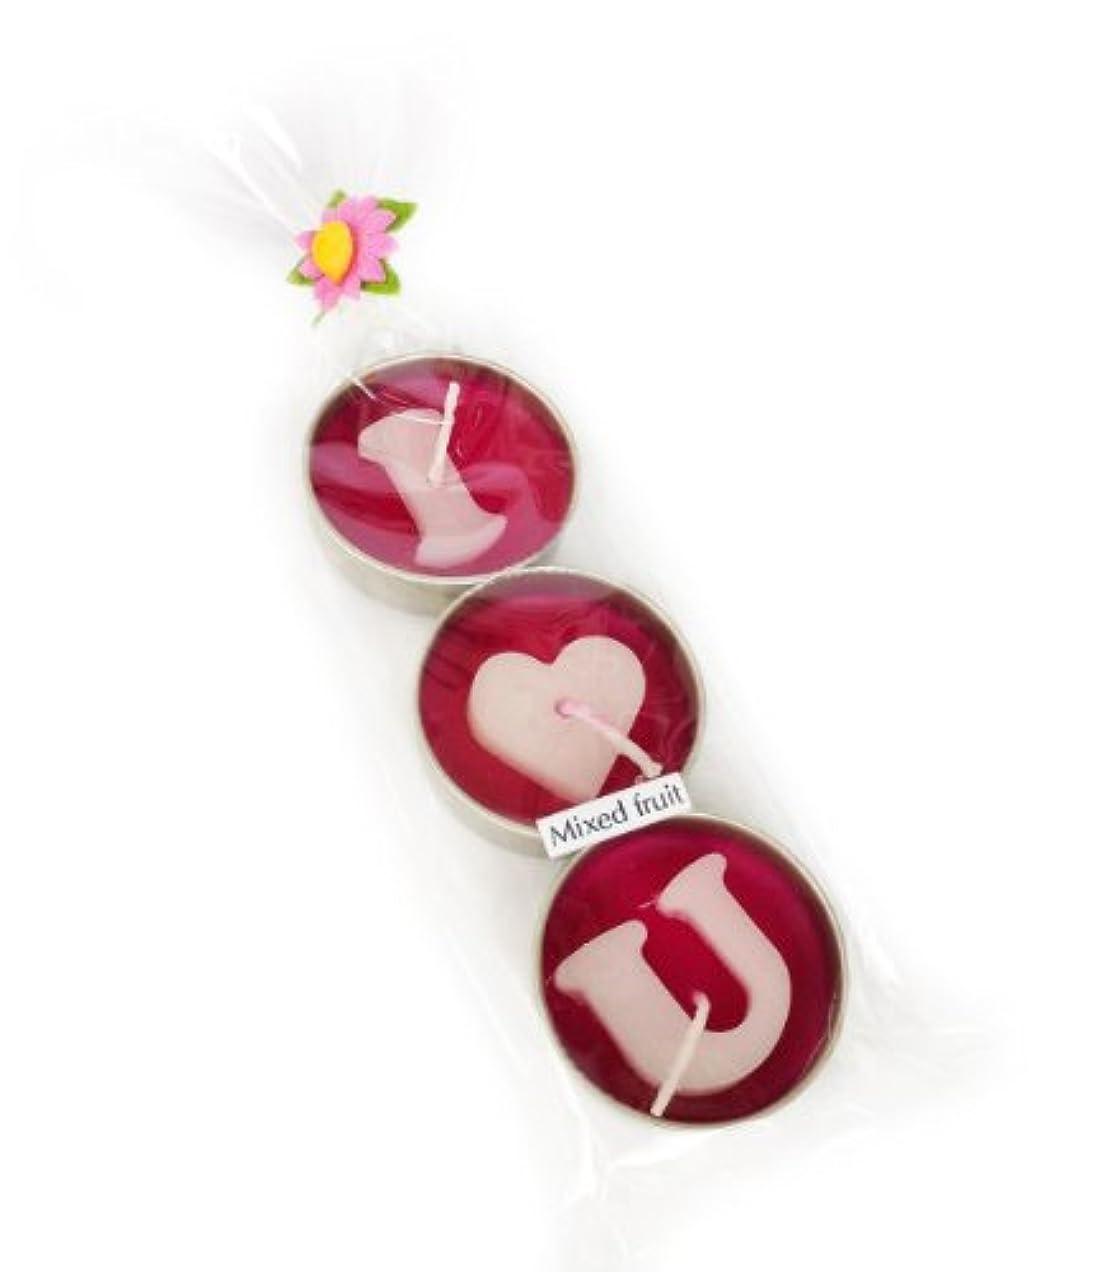 腹部反対する退屈させるアロマキャンドル/ラブキャンドル/ILoveU/モーク/ロウソク/ろうそ/1パック3個入り/(1Pack  3pc I love U Candle) (Mixed Fruit)